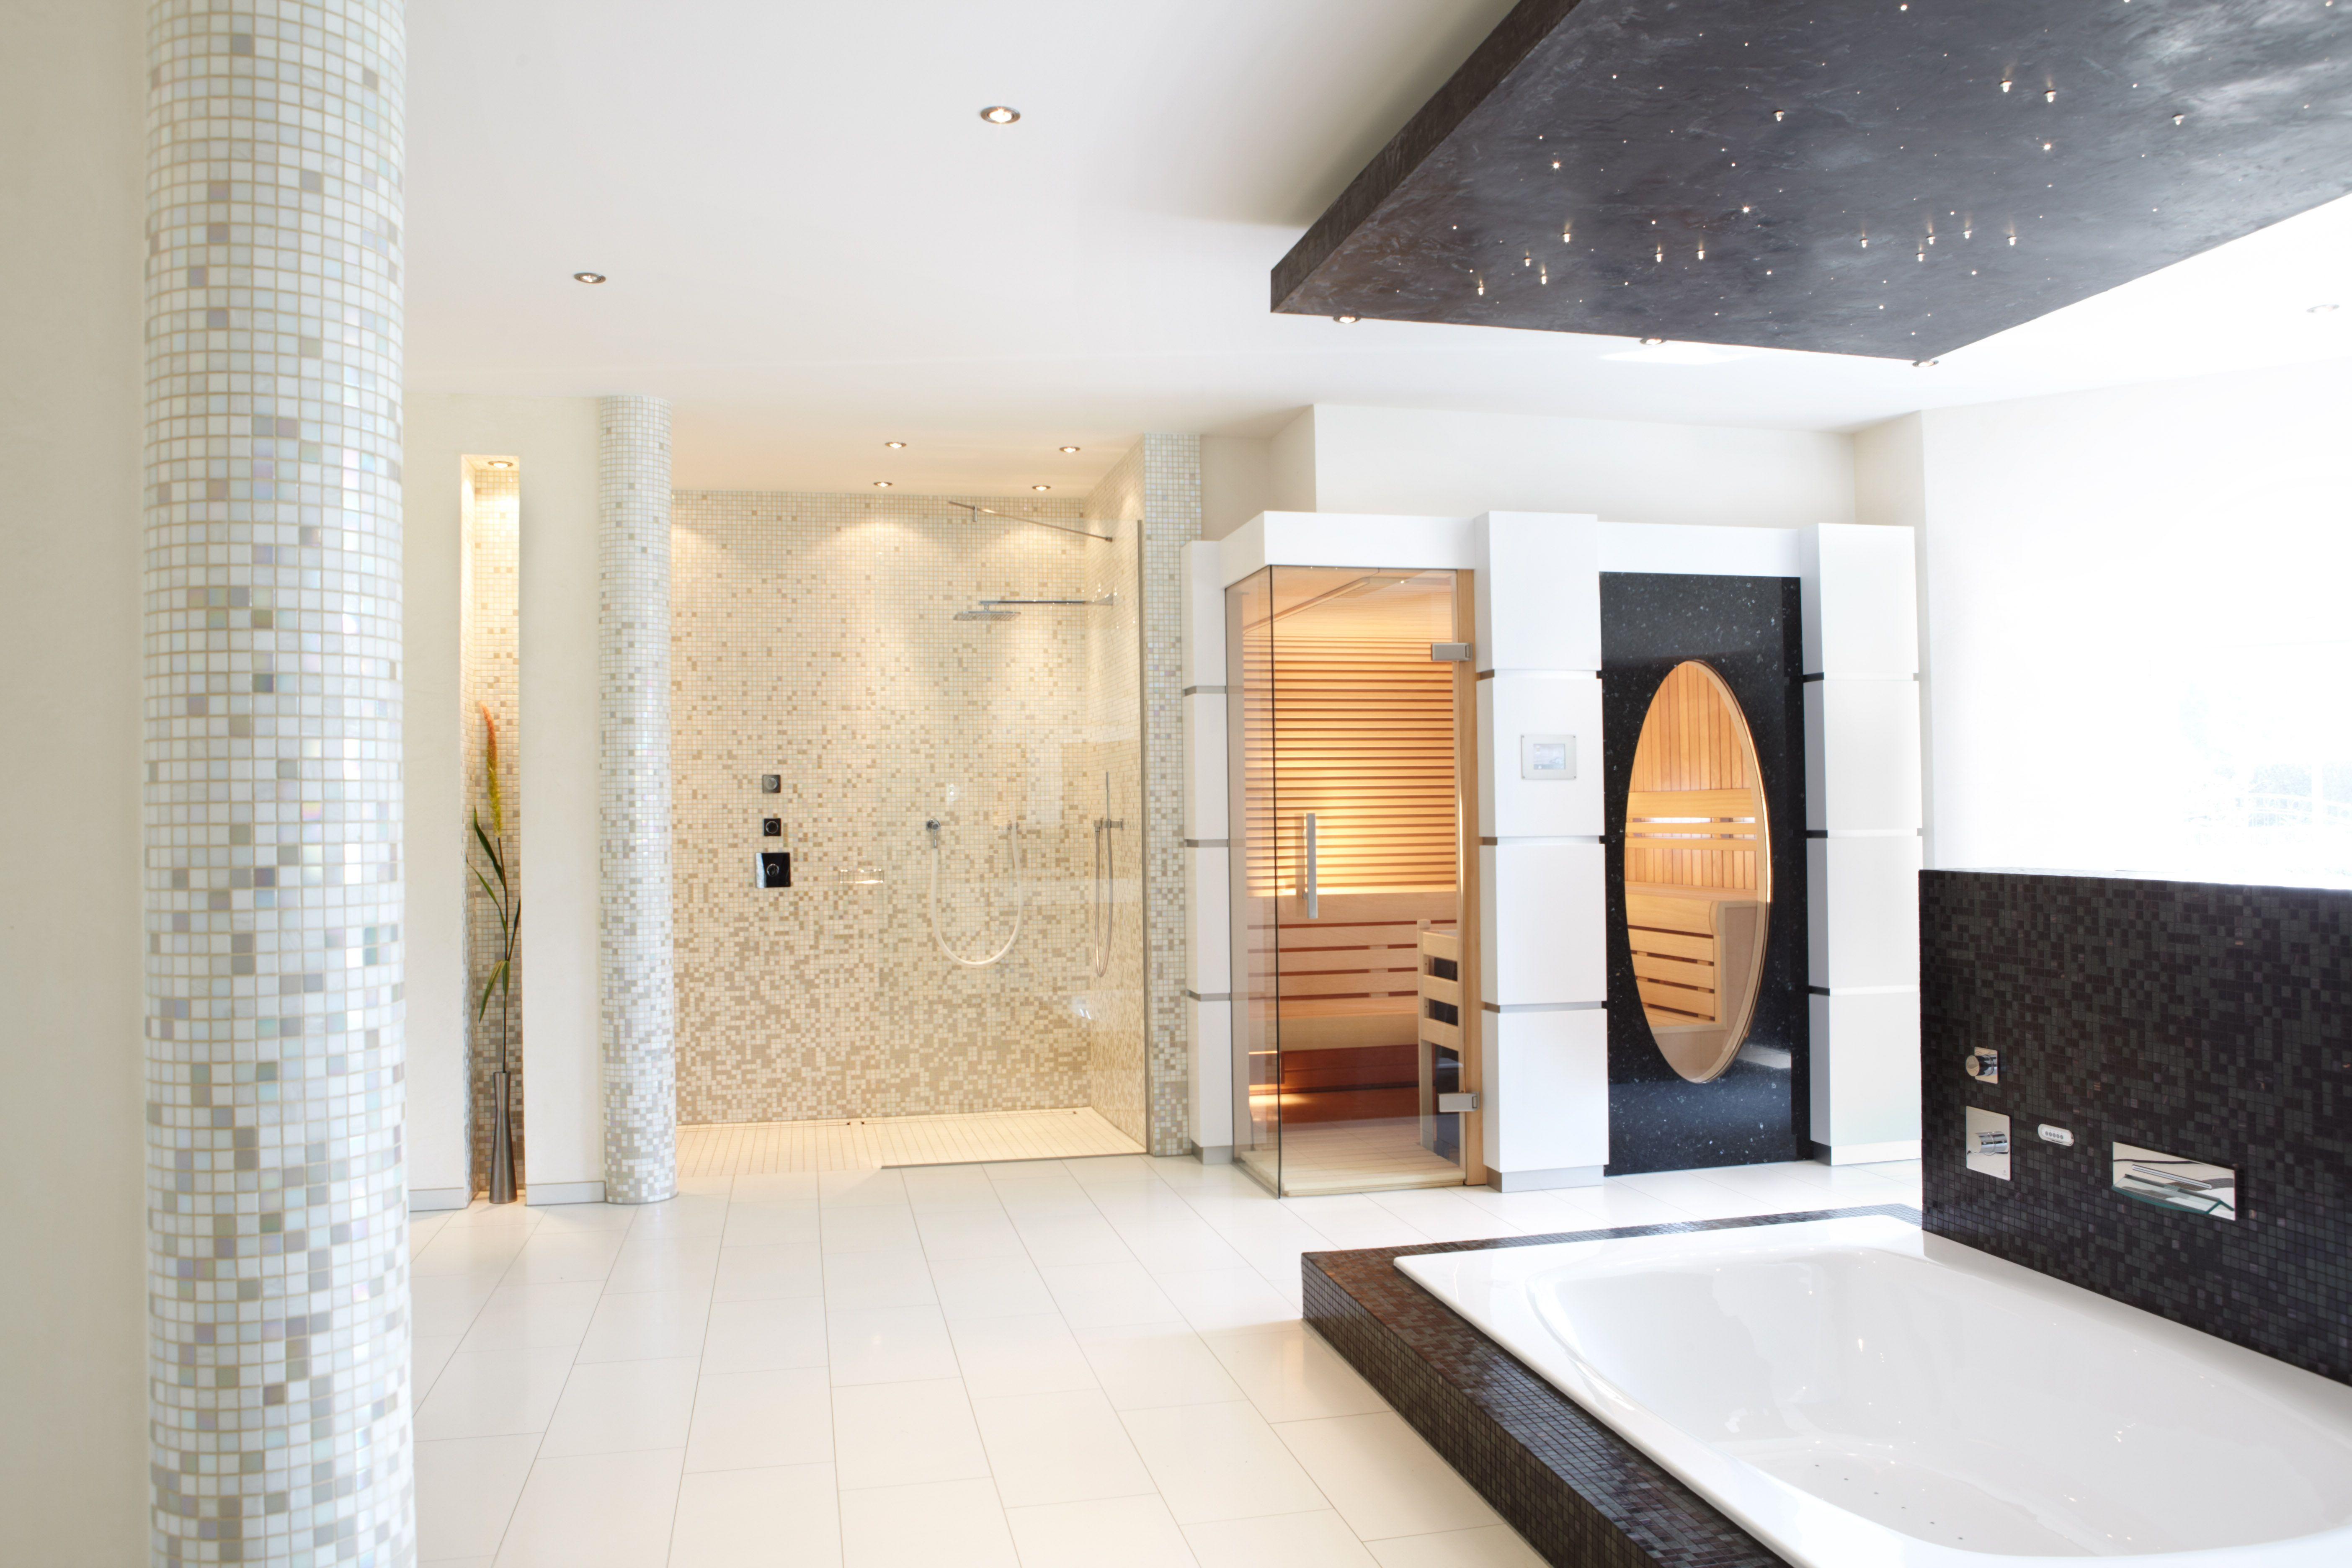 Große Offene Dusche Und Moderne Sauna #wellness #glas #sauna #modern  #erdmannsauna #erdmannexklusivesaunen #erdmann #sauna